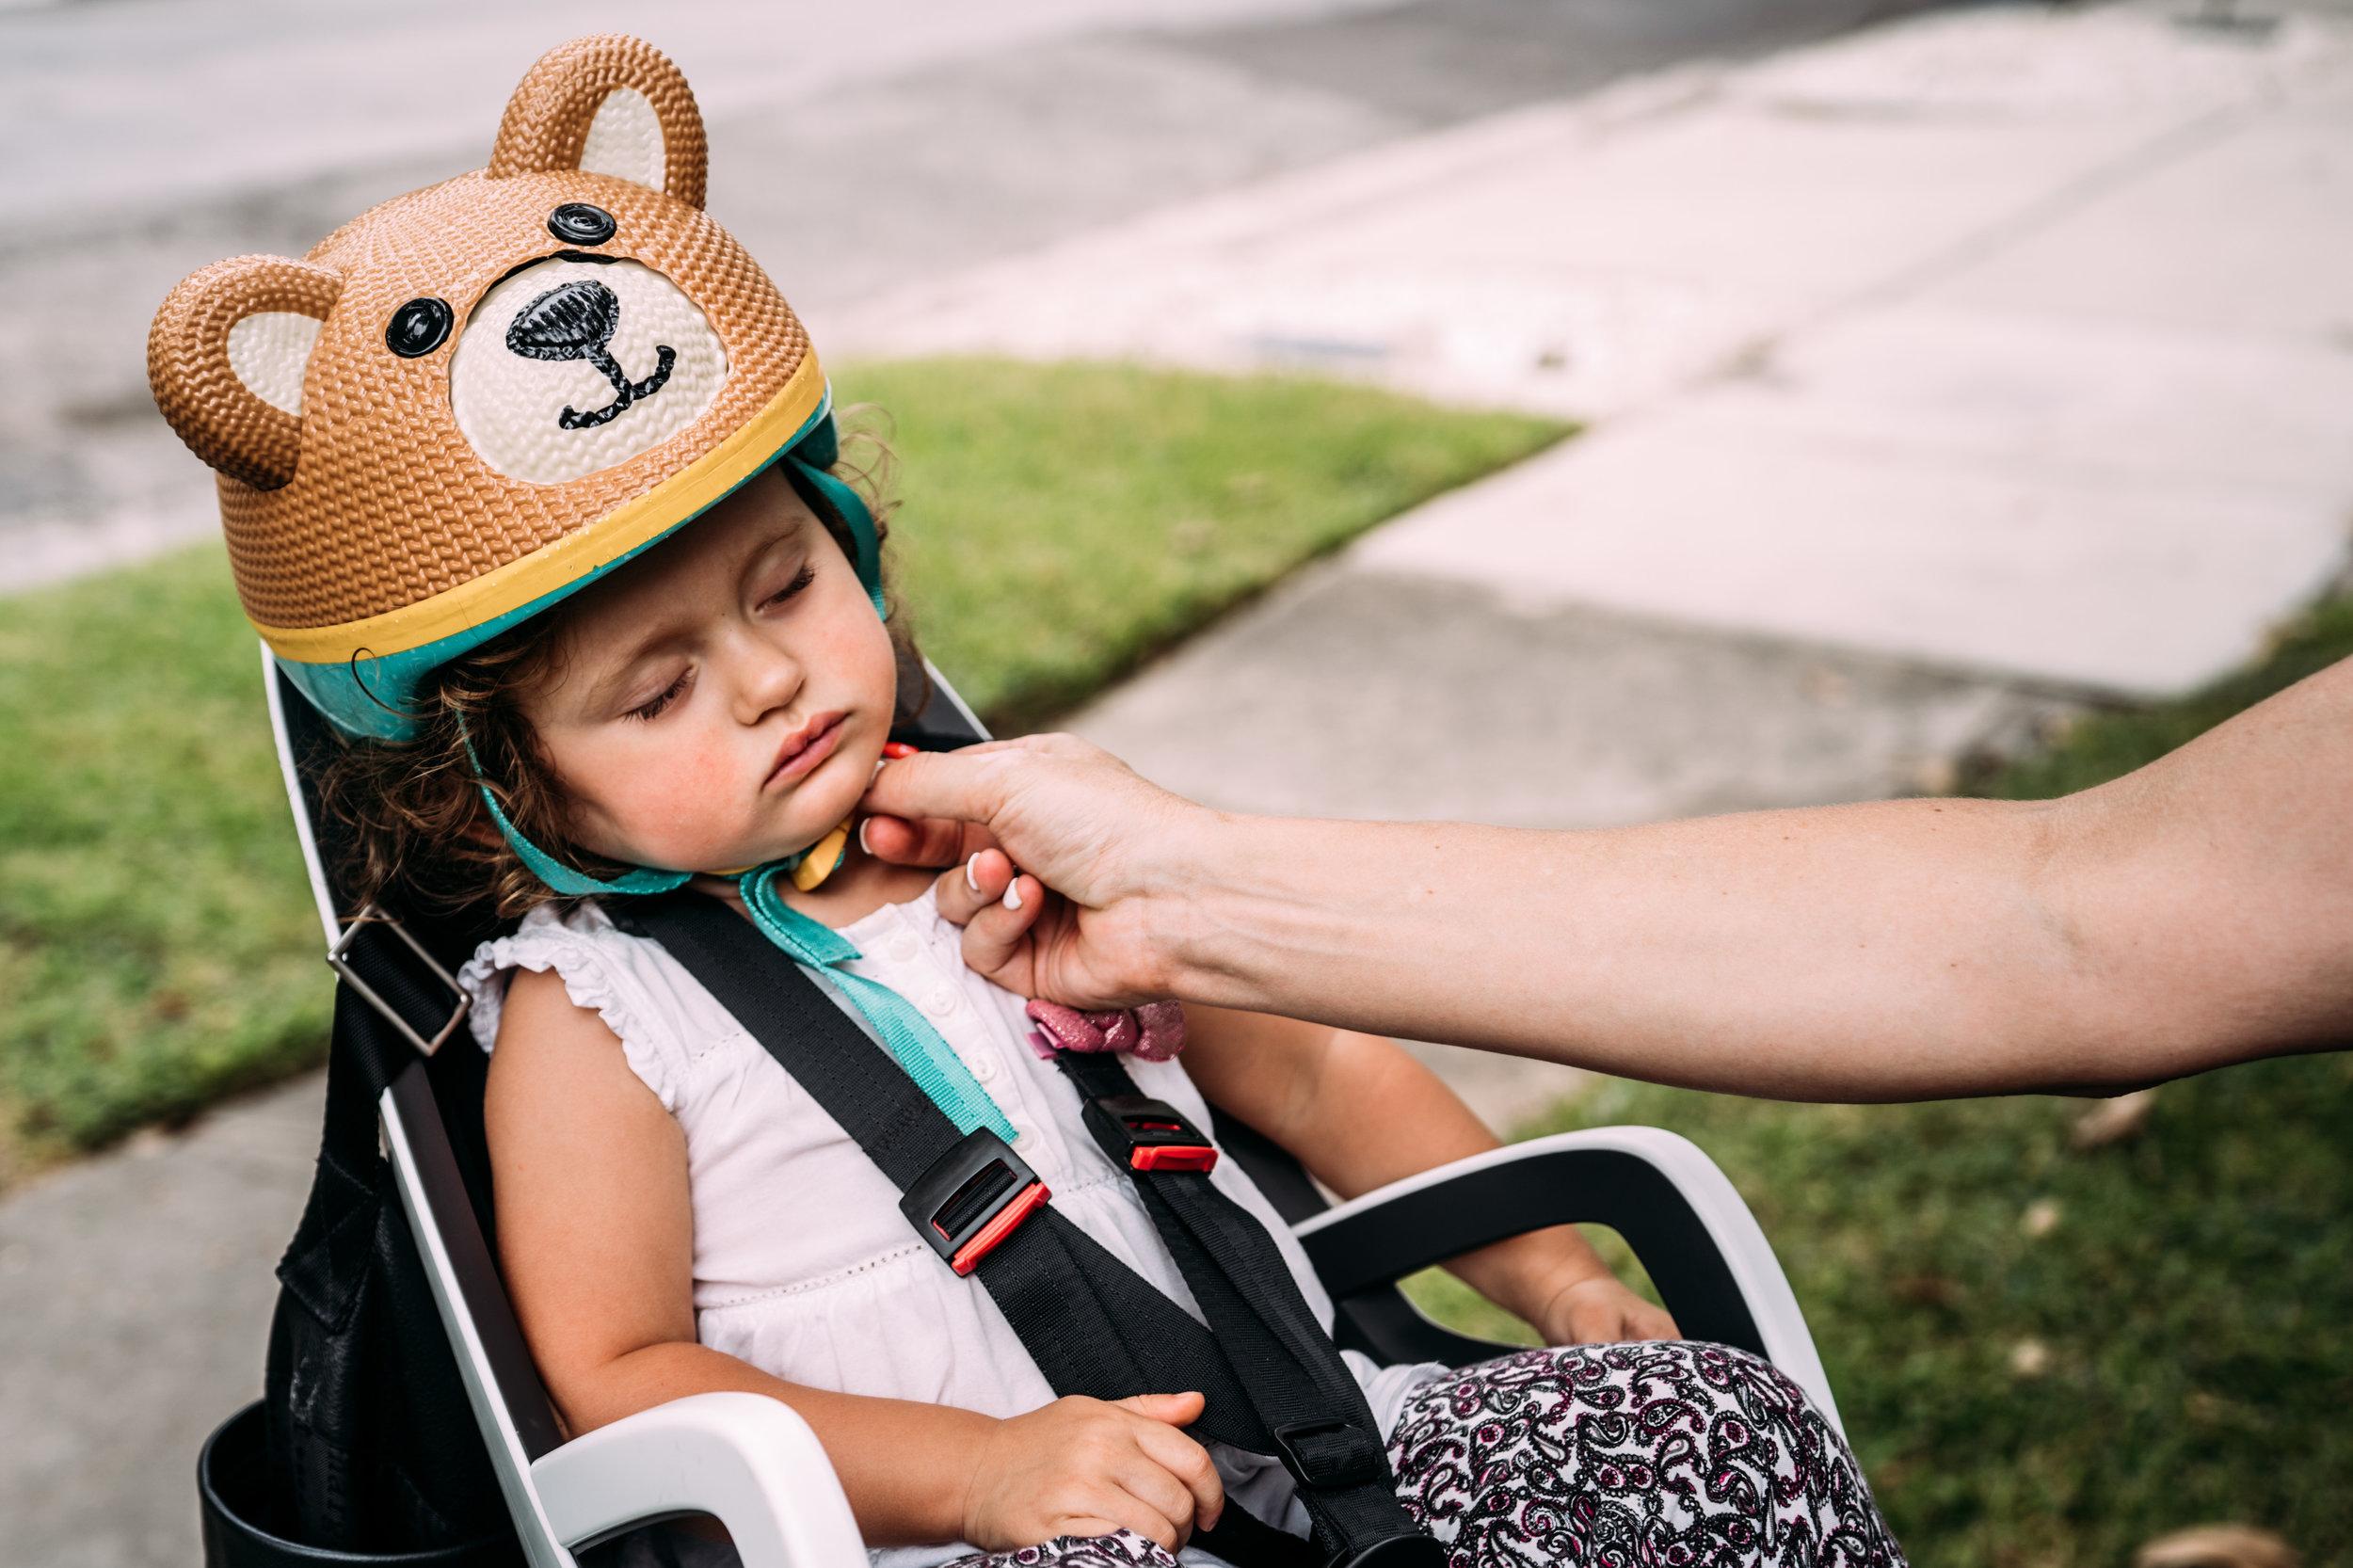 Little girl fell asleep in her bike helmet